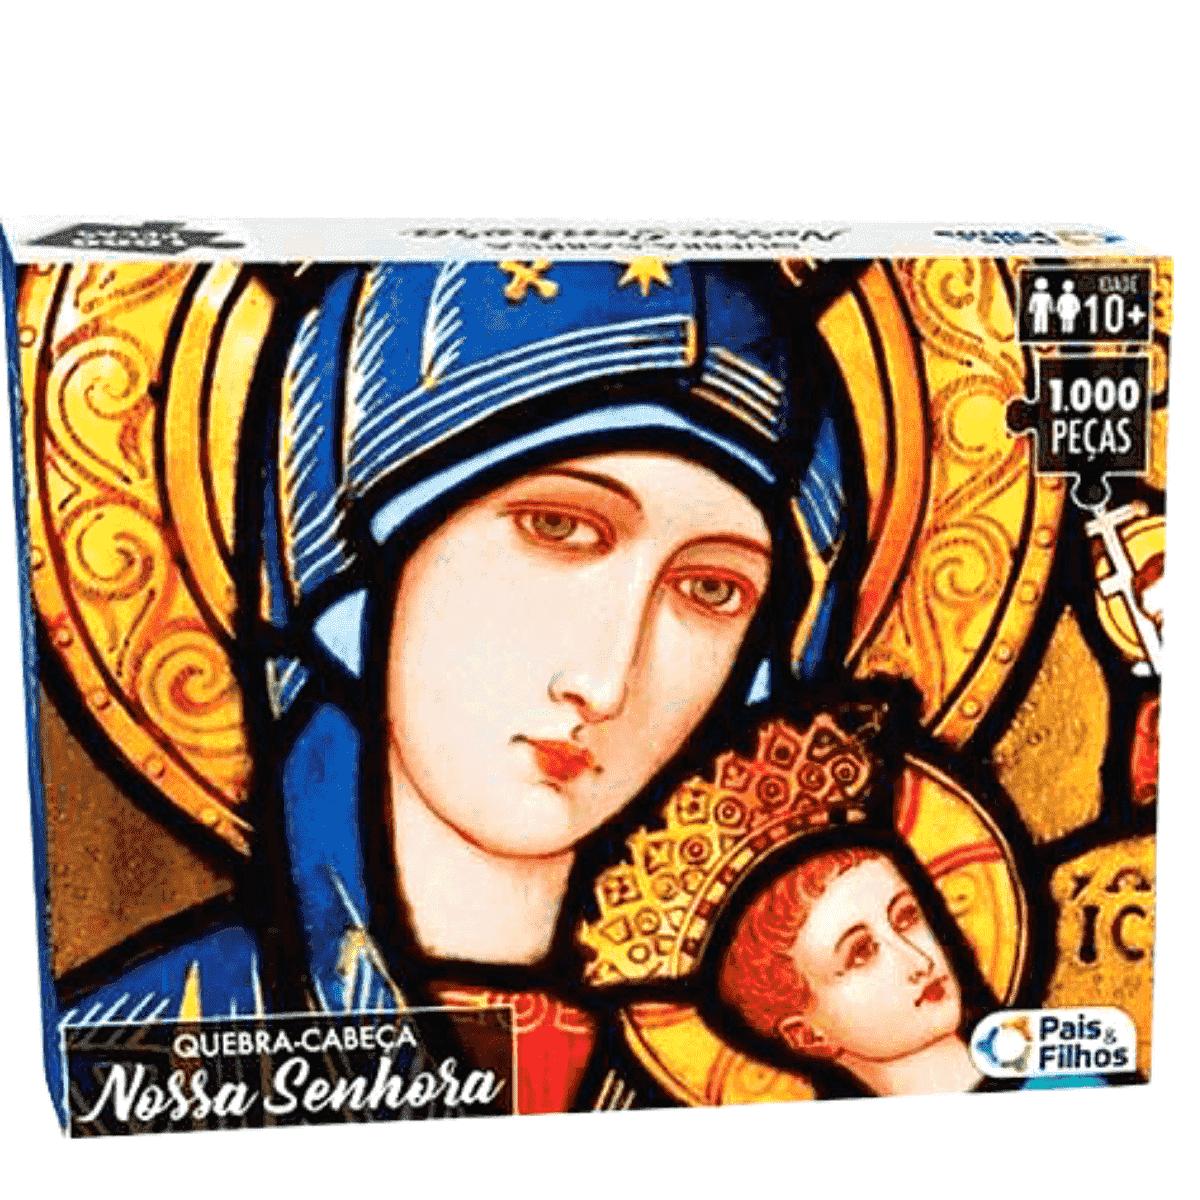 Quebra-Cabeça Nossa Senhora 1.000 peças PREMIUM